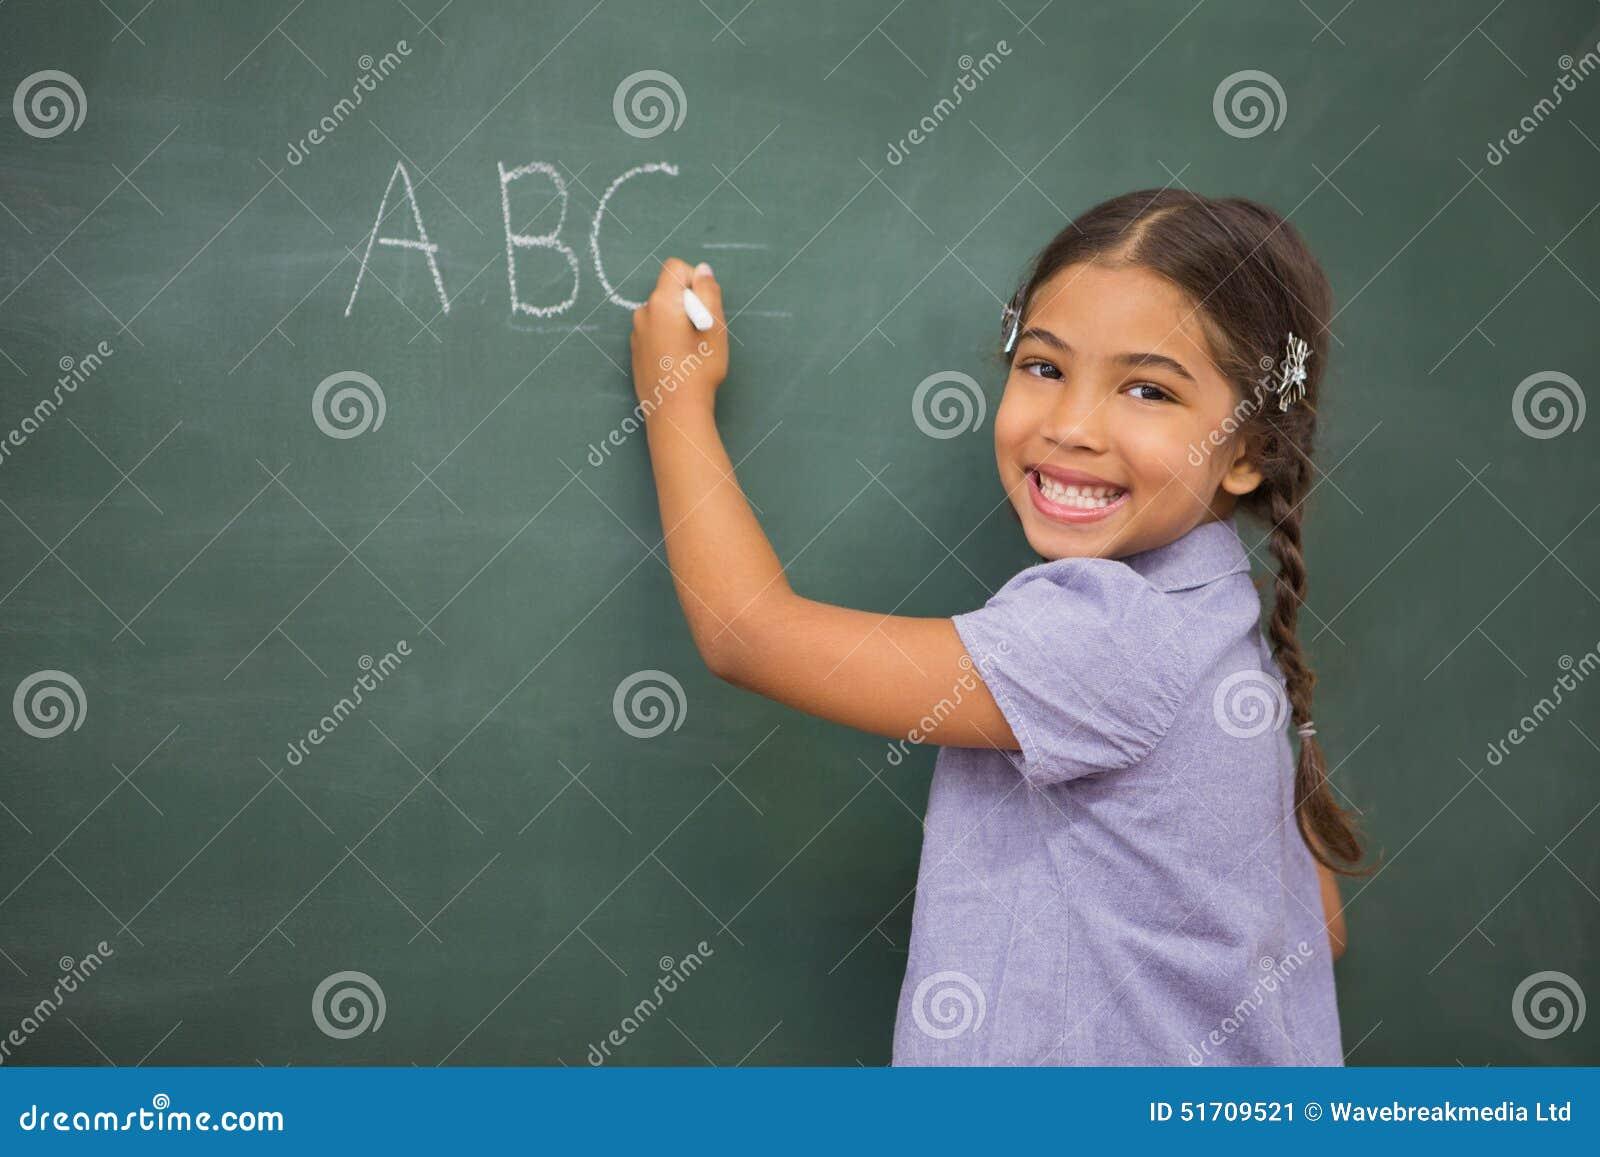 Leerling die op groot bord schrijven